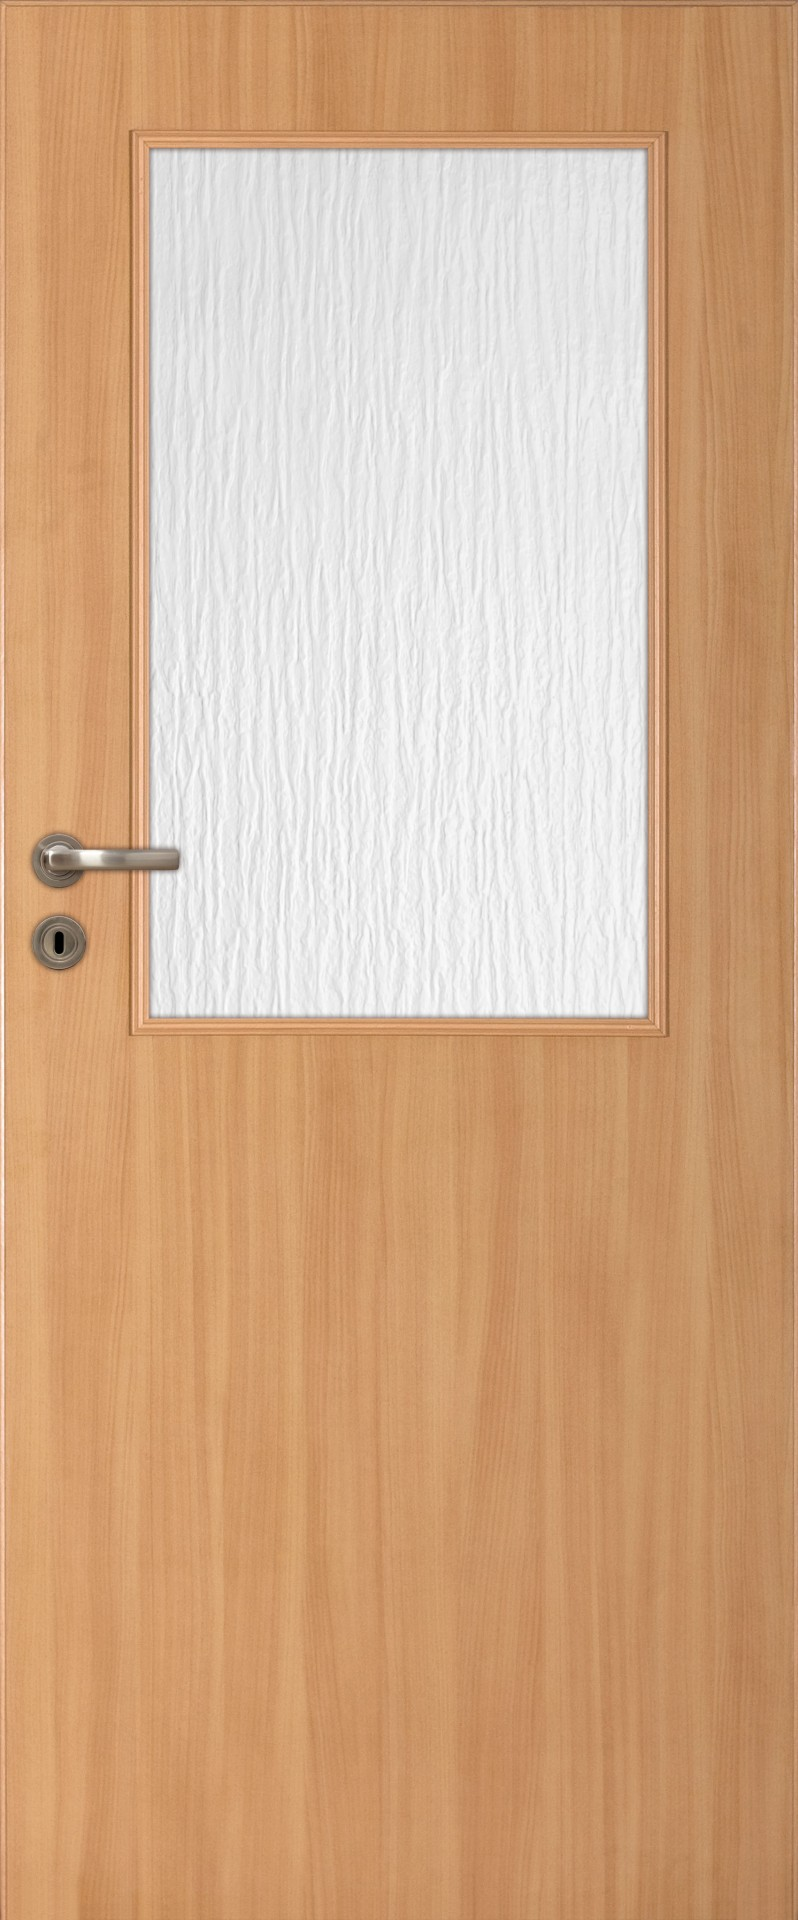 Dre dveře Lack 30, Šíře v cm 60